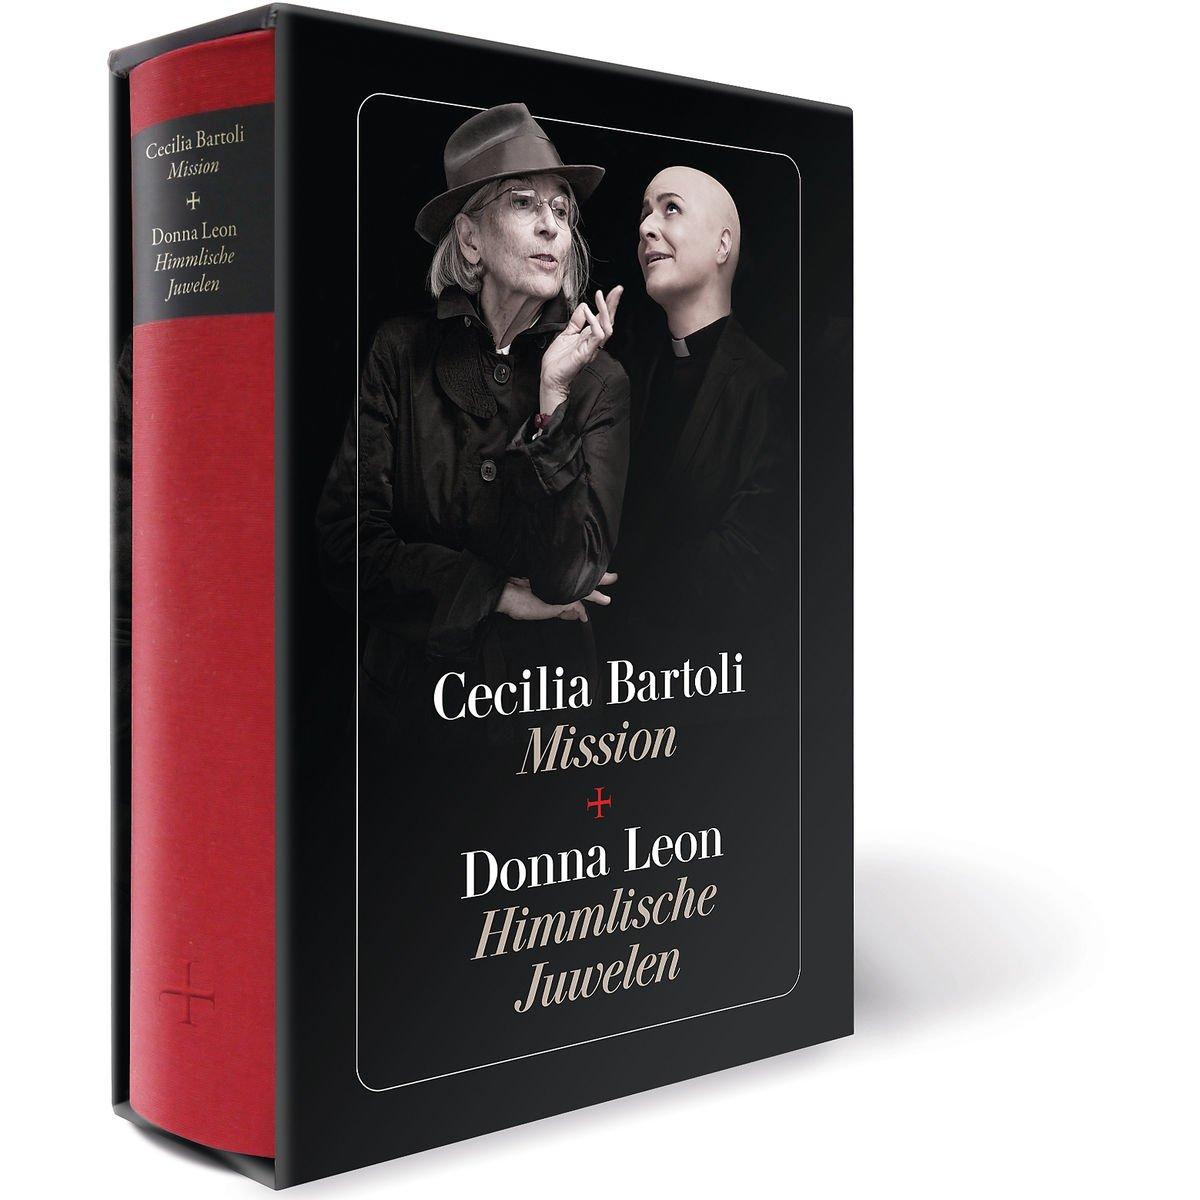 Mission/Himmlische Juwelen (CD + Buch)